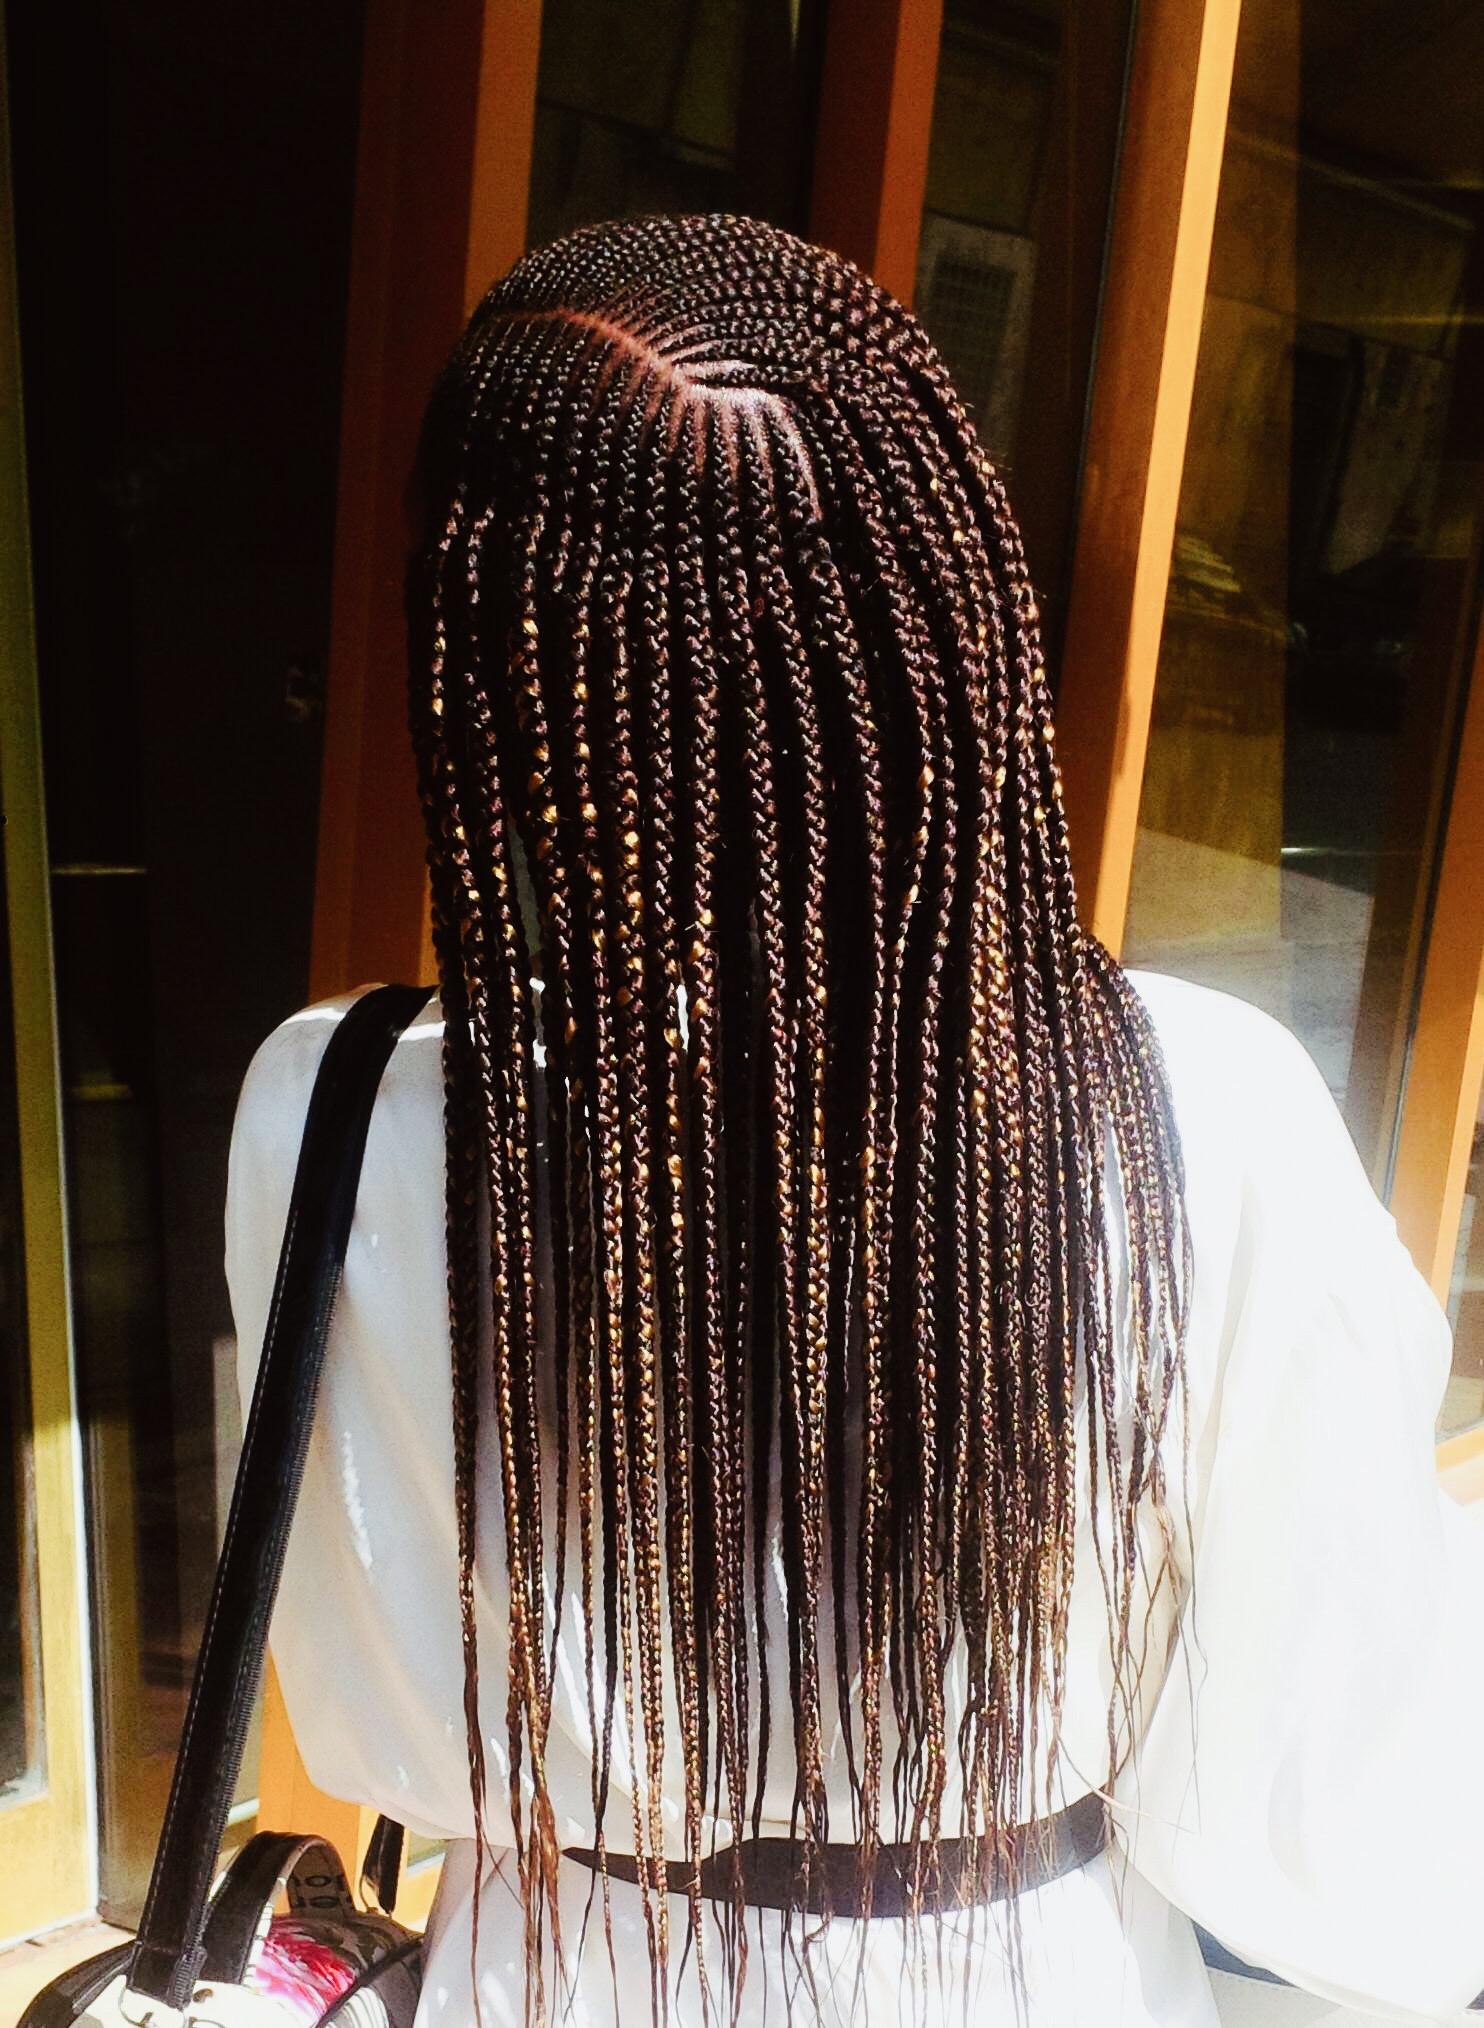 salon de coiffure afro tresse tresses box braids crochet braids vanilles tissages paris 75 77 78 91 92 93 94 95 NGURMAUX